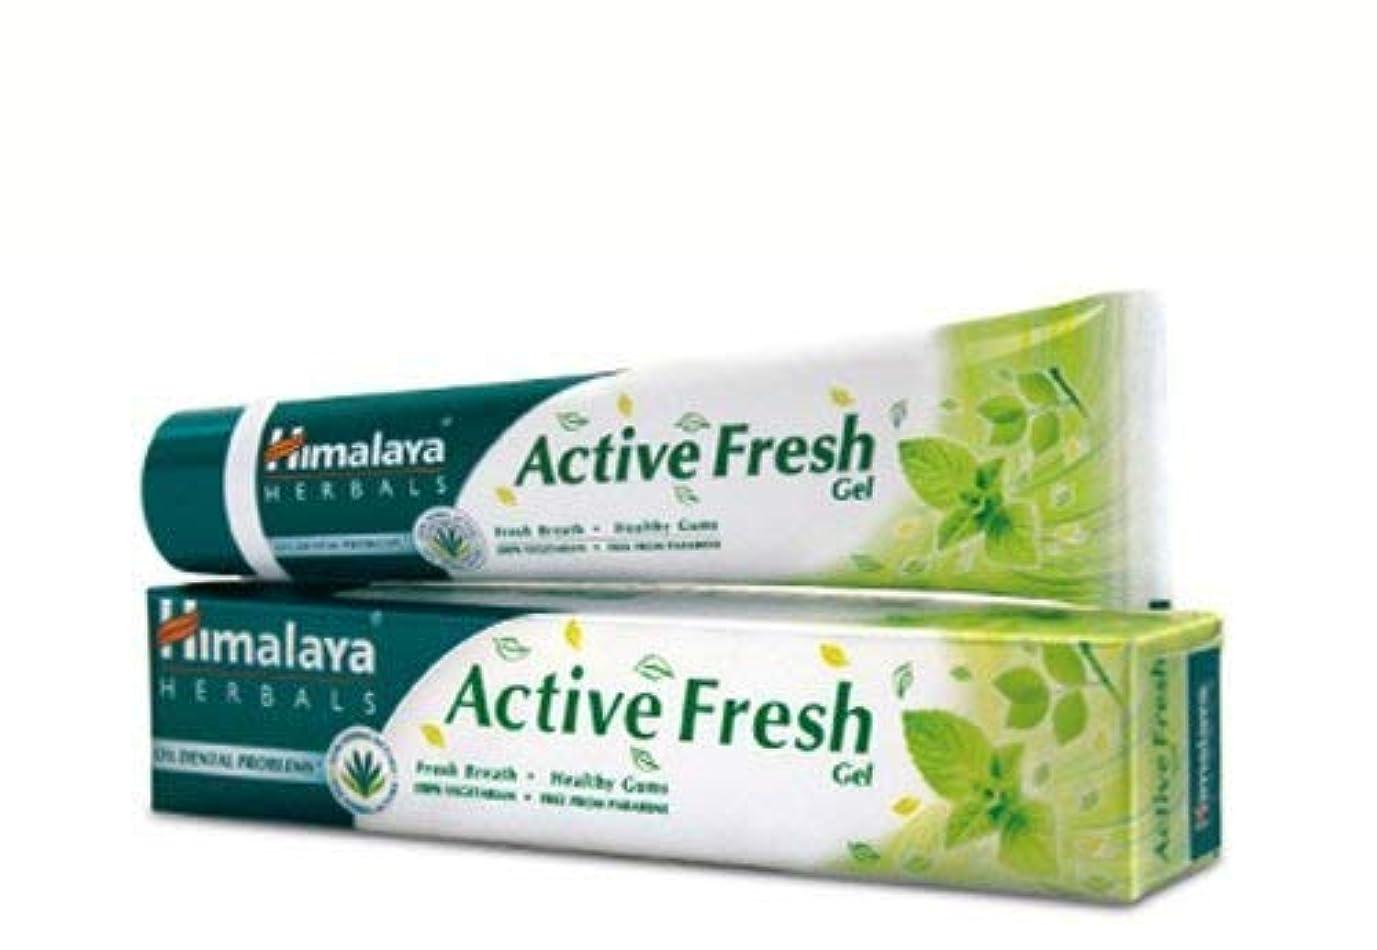 ダブル助けて目覚めるヒマラヤ トゥースペイスト アクティブ フレッシュ(歯磨き粉)80g 2本Set Himalaya Active Fresh Toothpaste